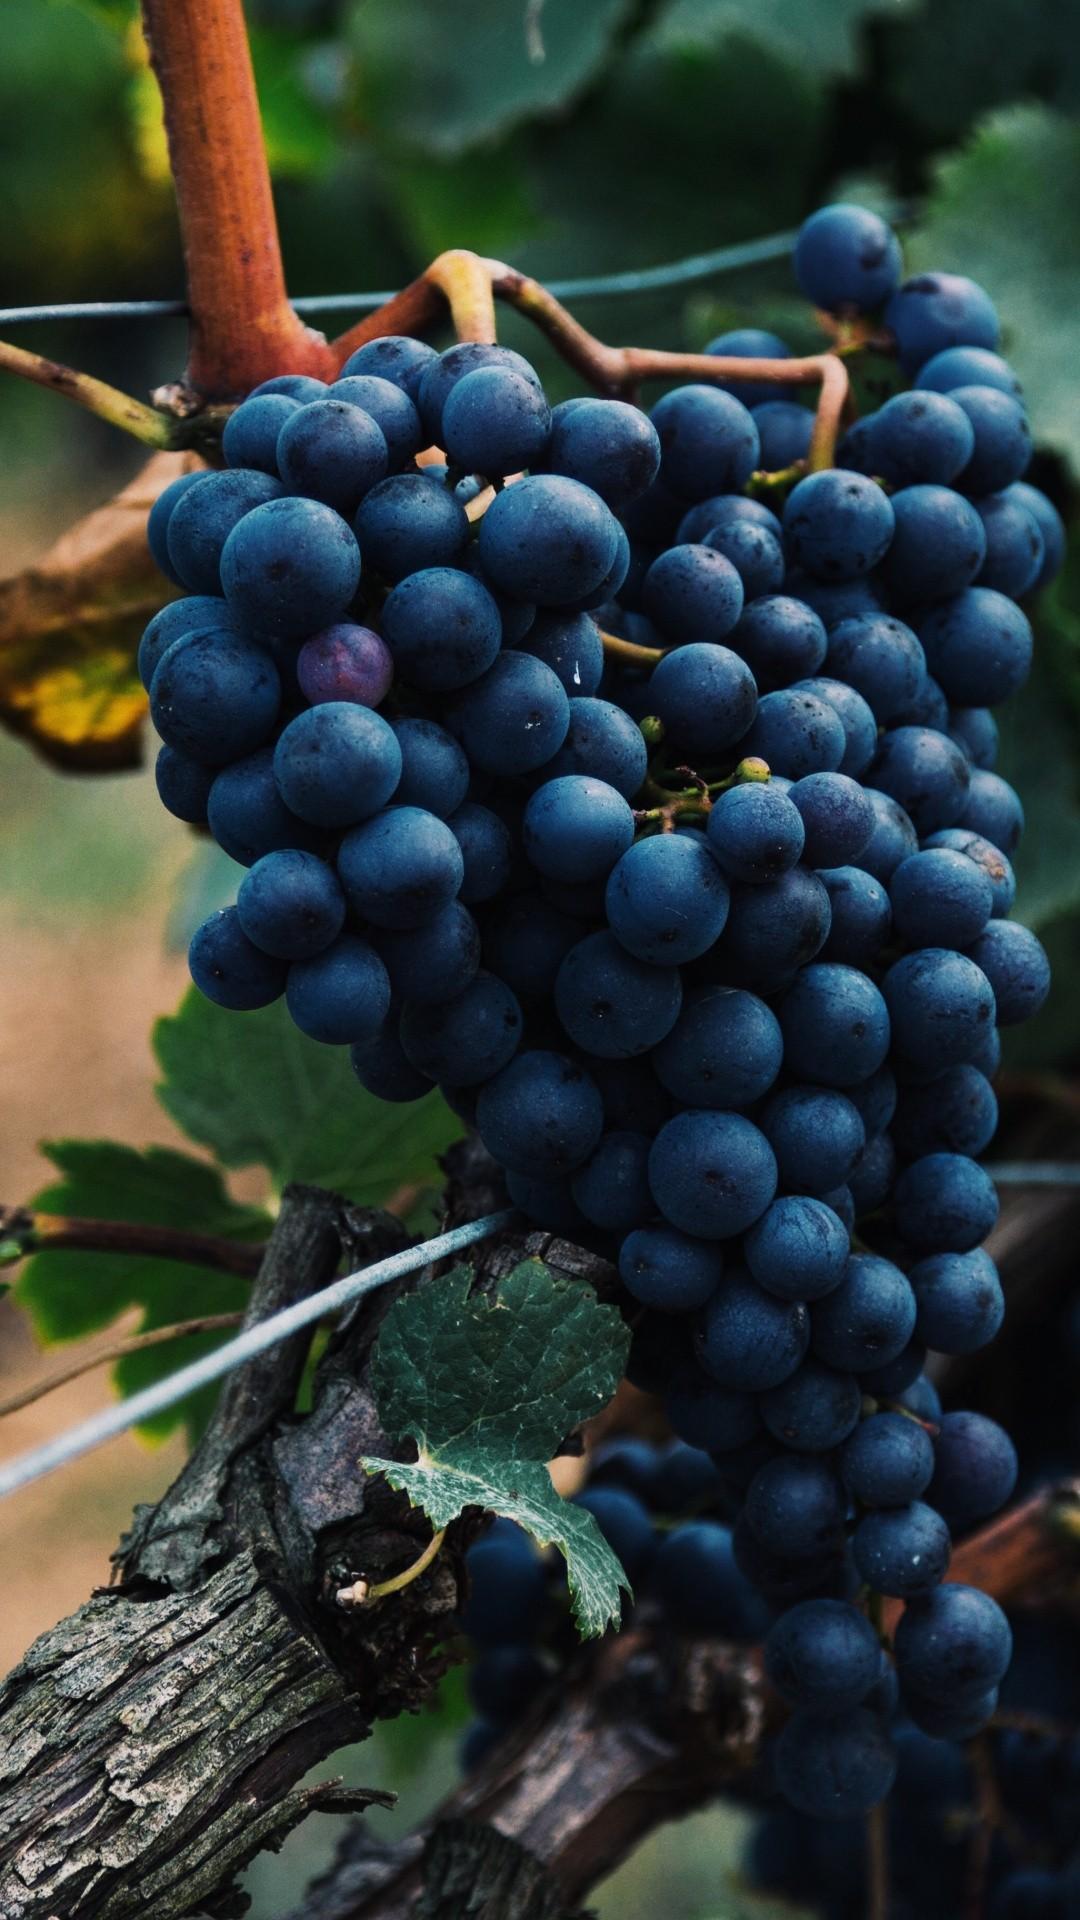 Vineyard Vines iPhone hd wallpaper